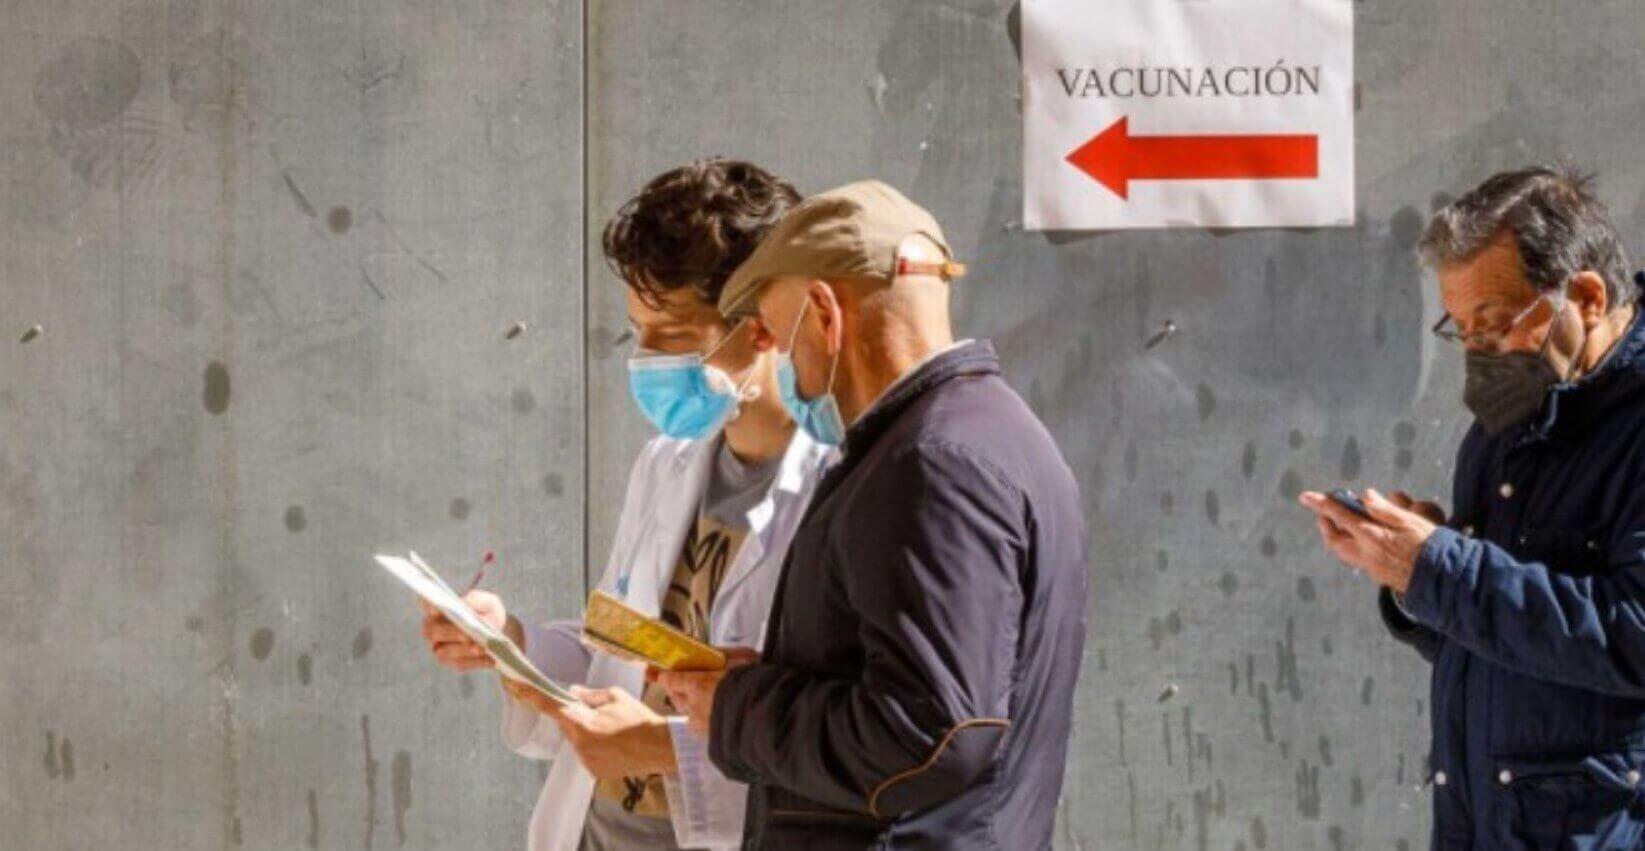 vacuna a los mayores de 65 leon- Digital de León